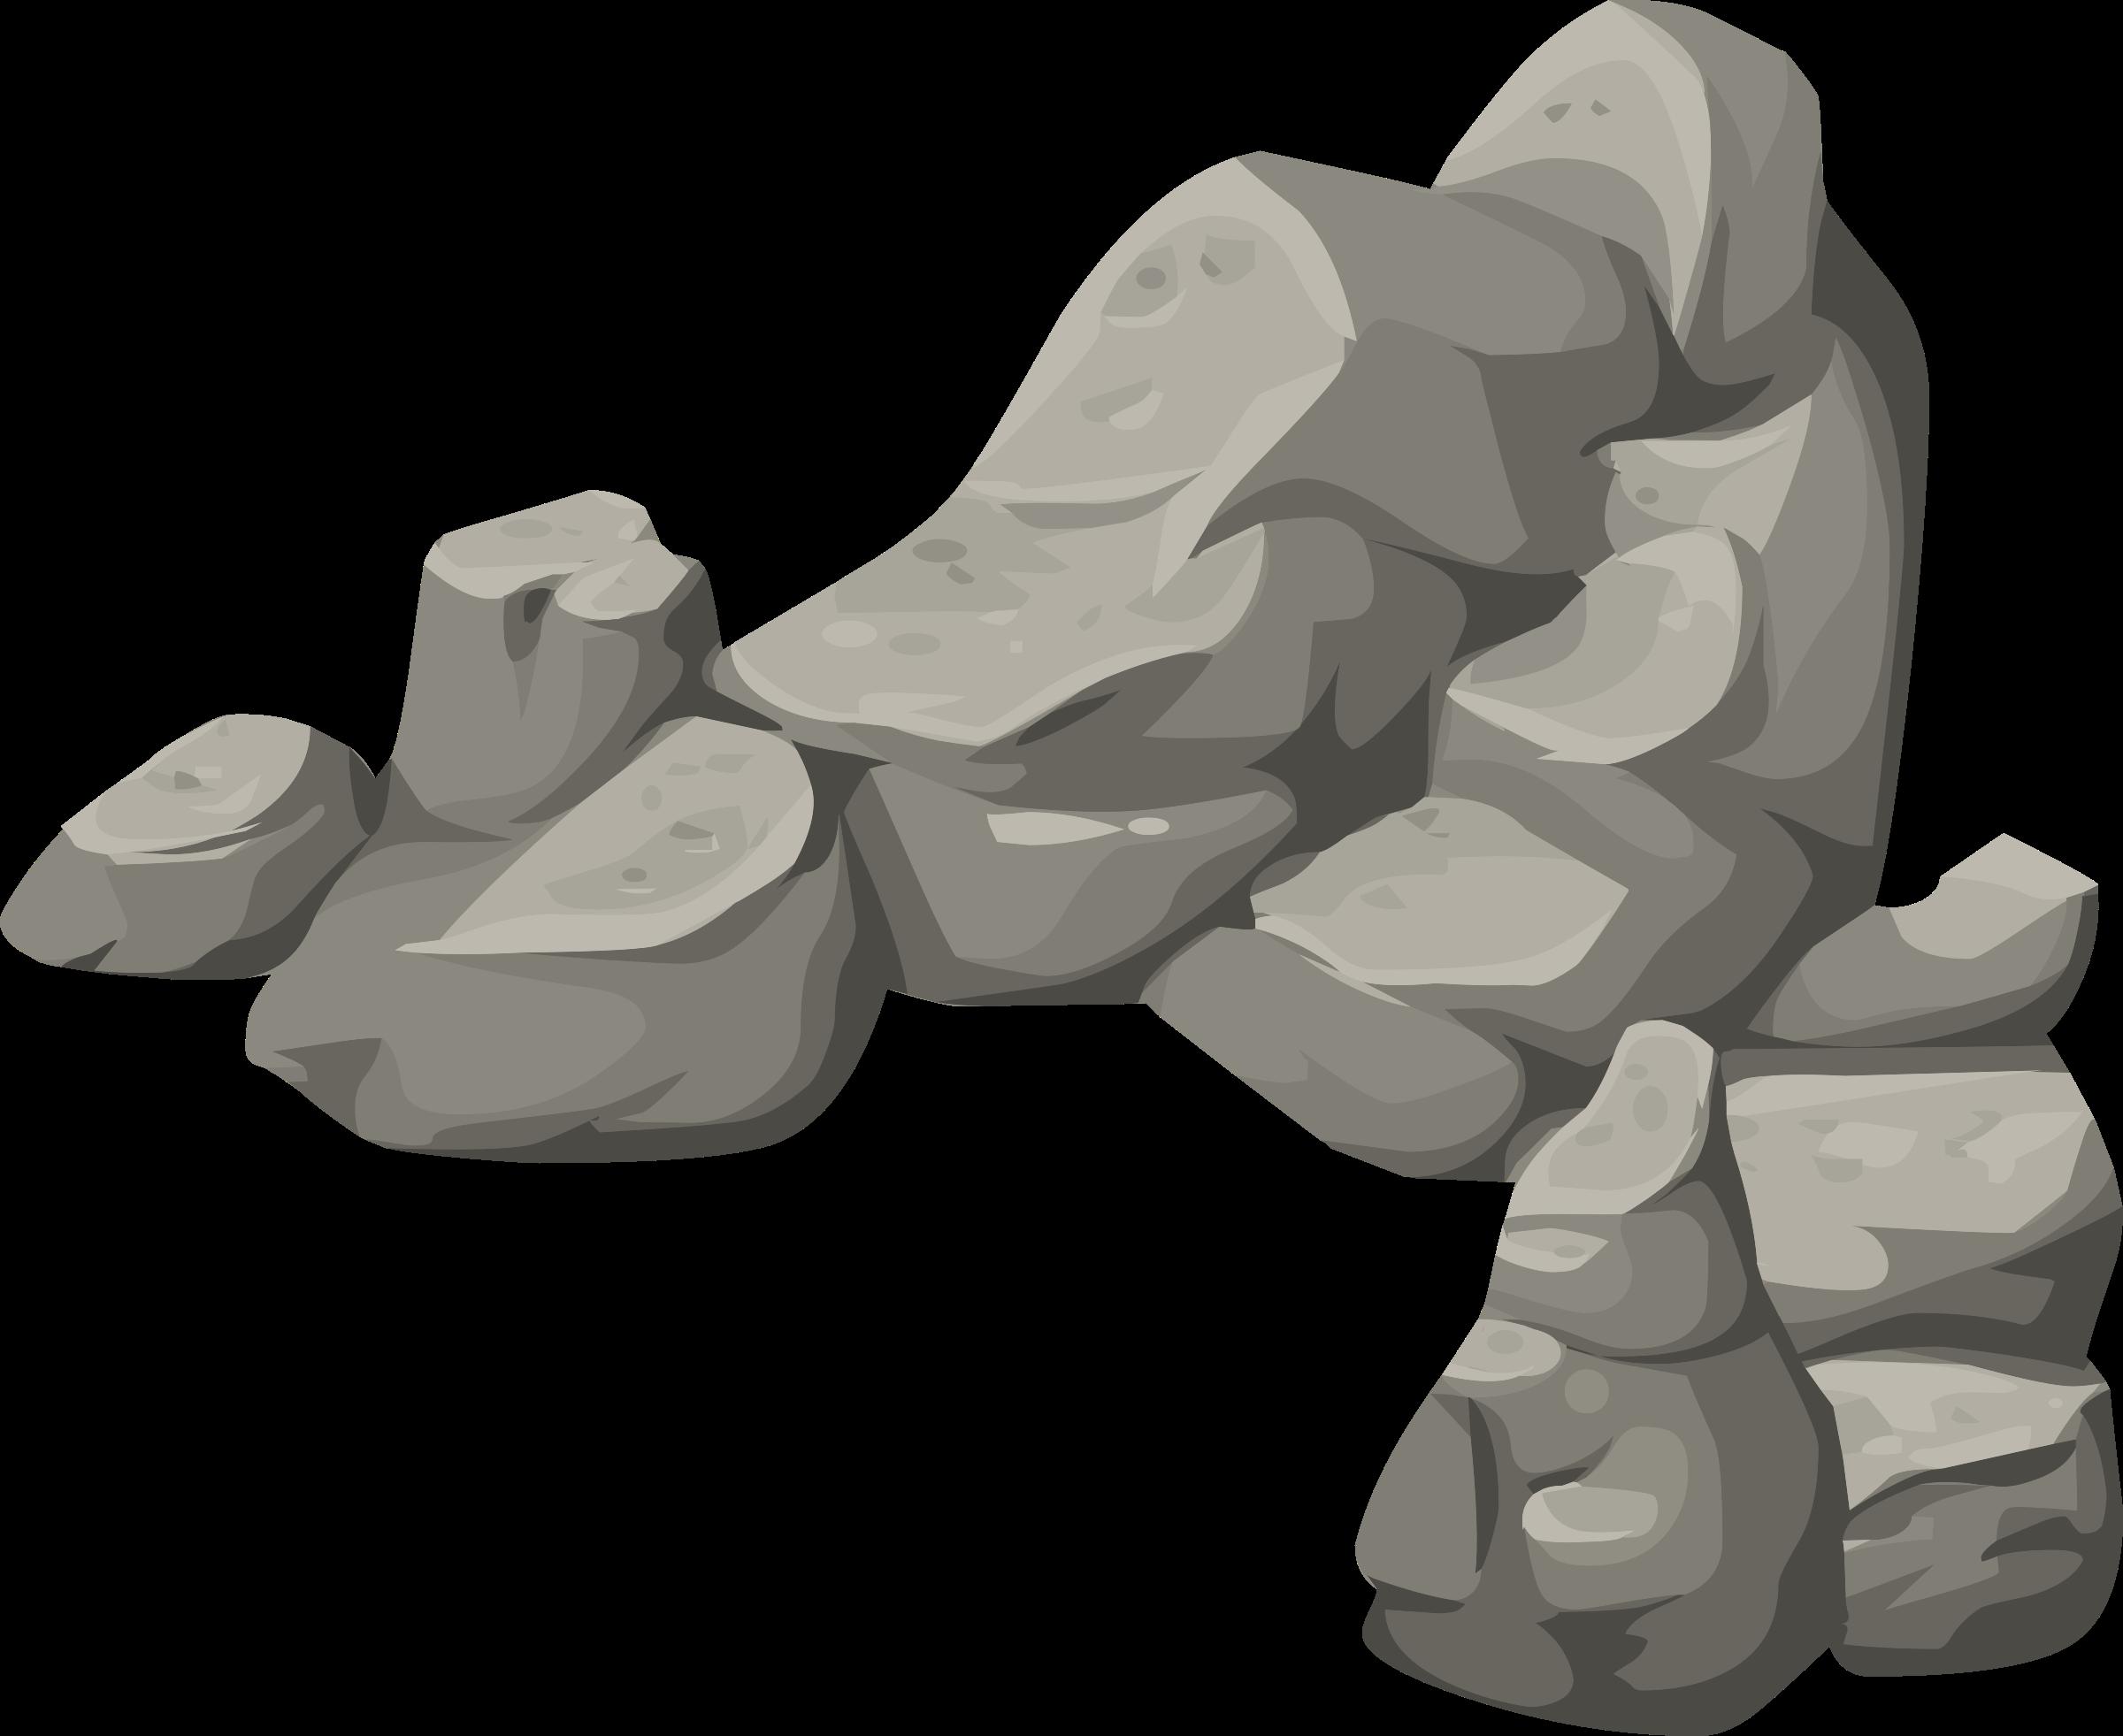 Alpine Landscape Rock Rubble Corner 01a Al1 By Glitch Landscape Rock Rock Clipart Drawings